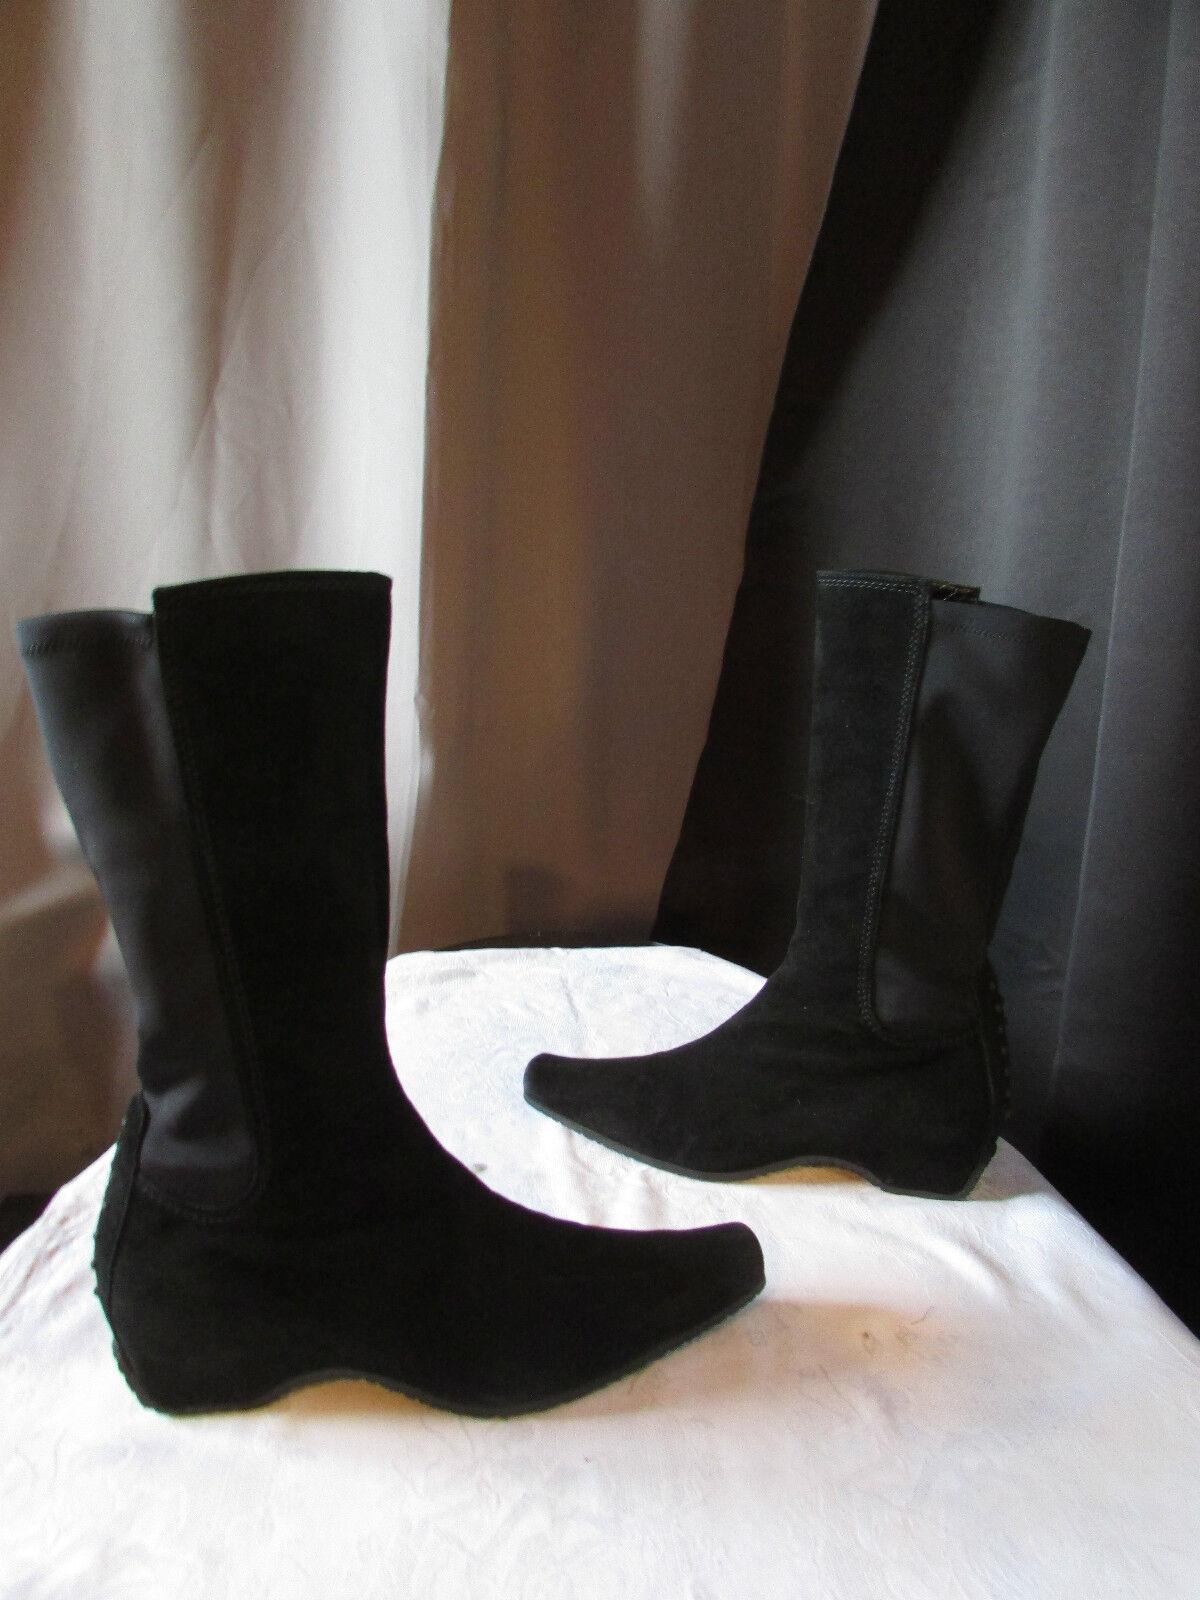 Bottes to bé daim black et matière élastique  blacke 38